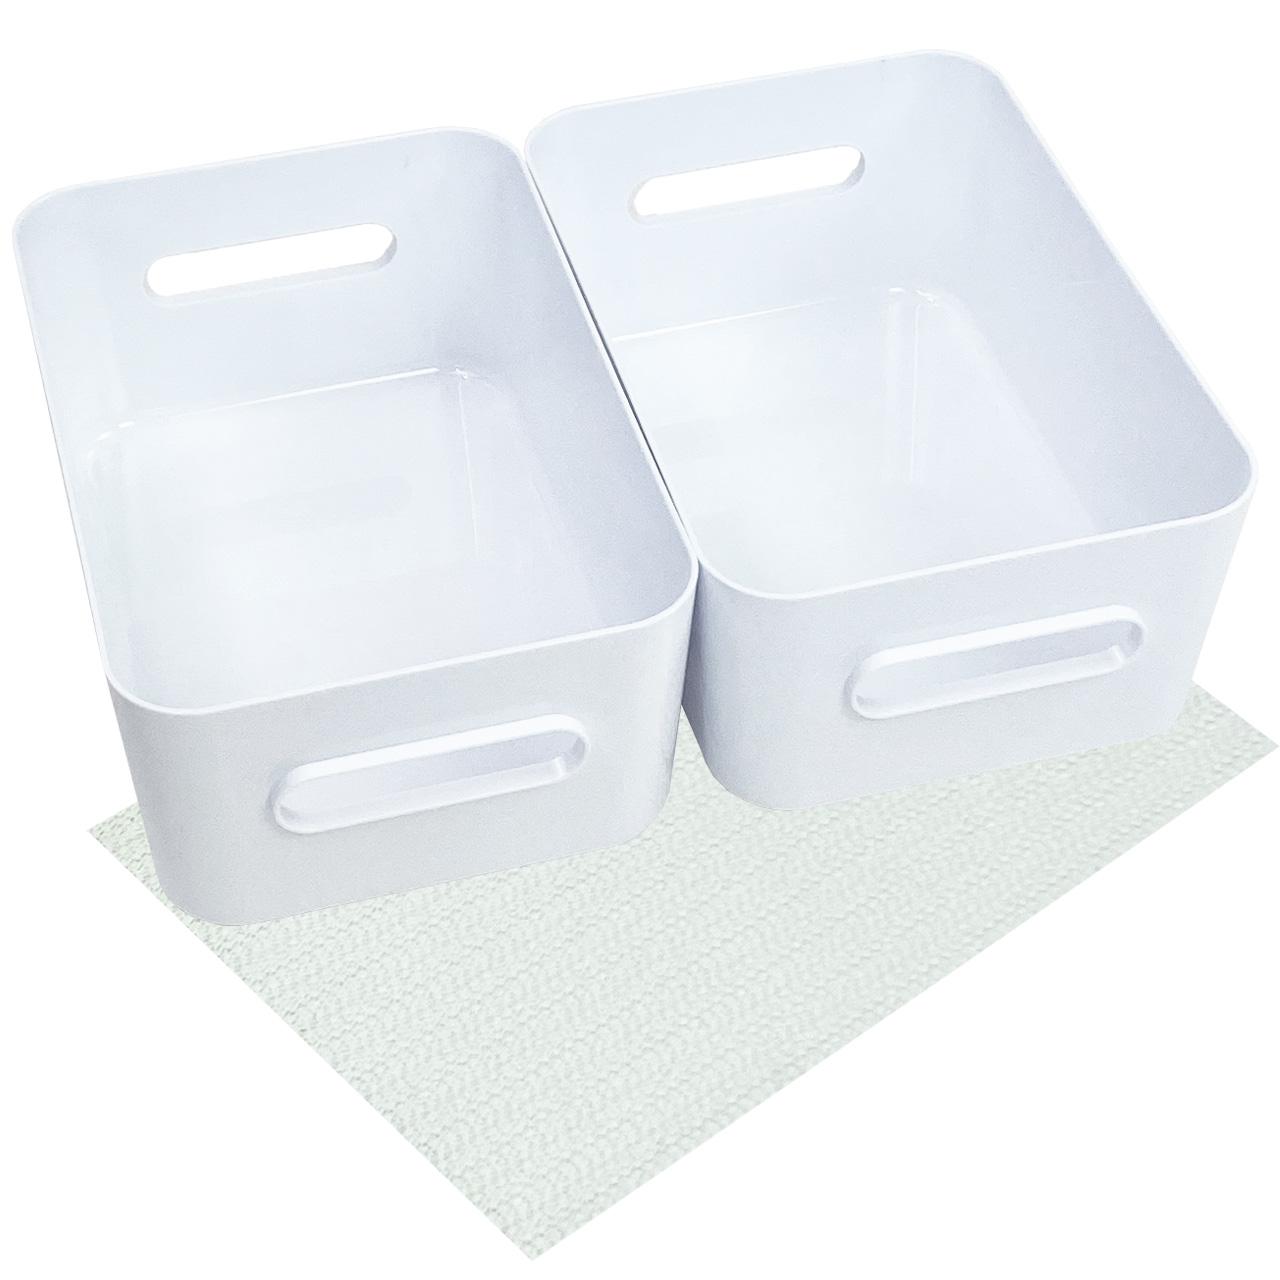 Boxen-Organizer-Set, weiss mit Antirutsch-Unterlage (M-Boxen-2er-Set)